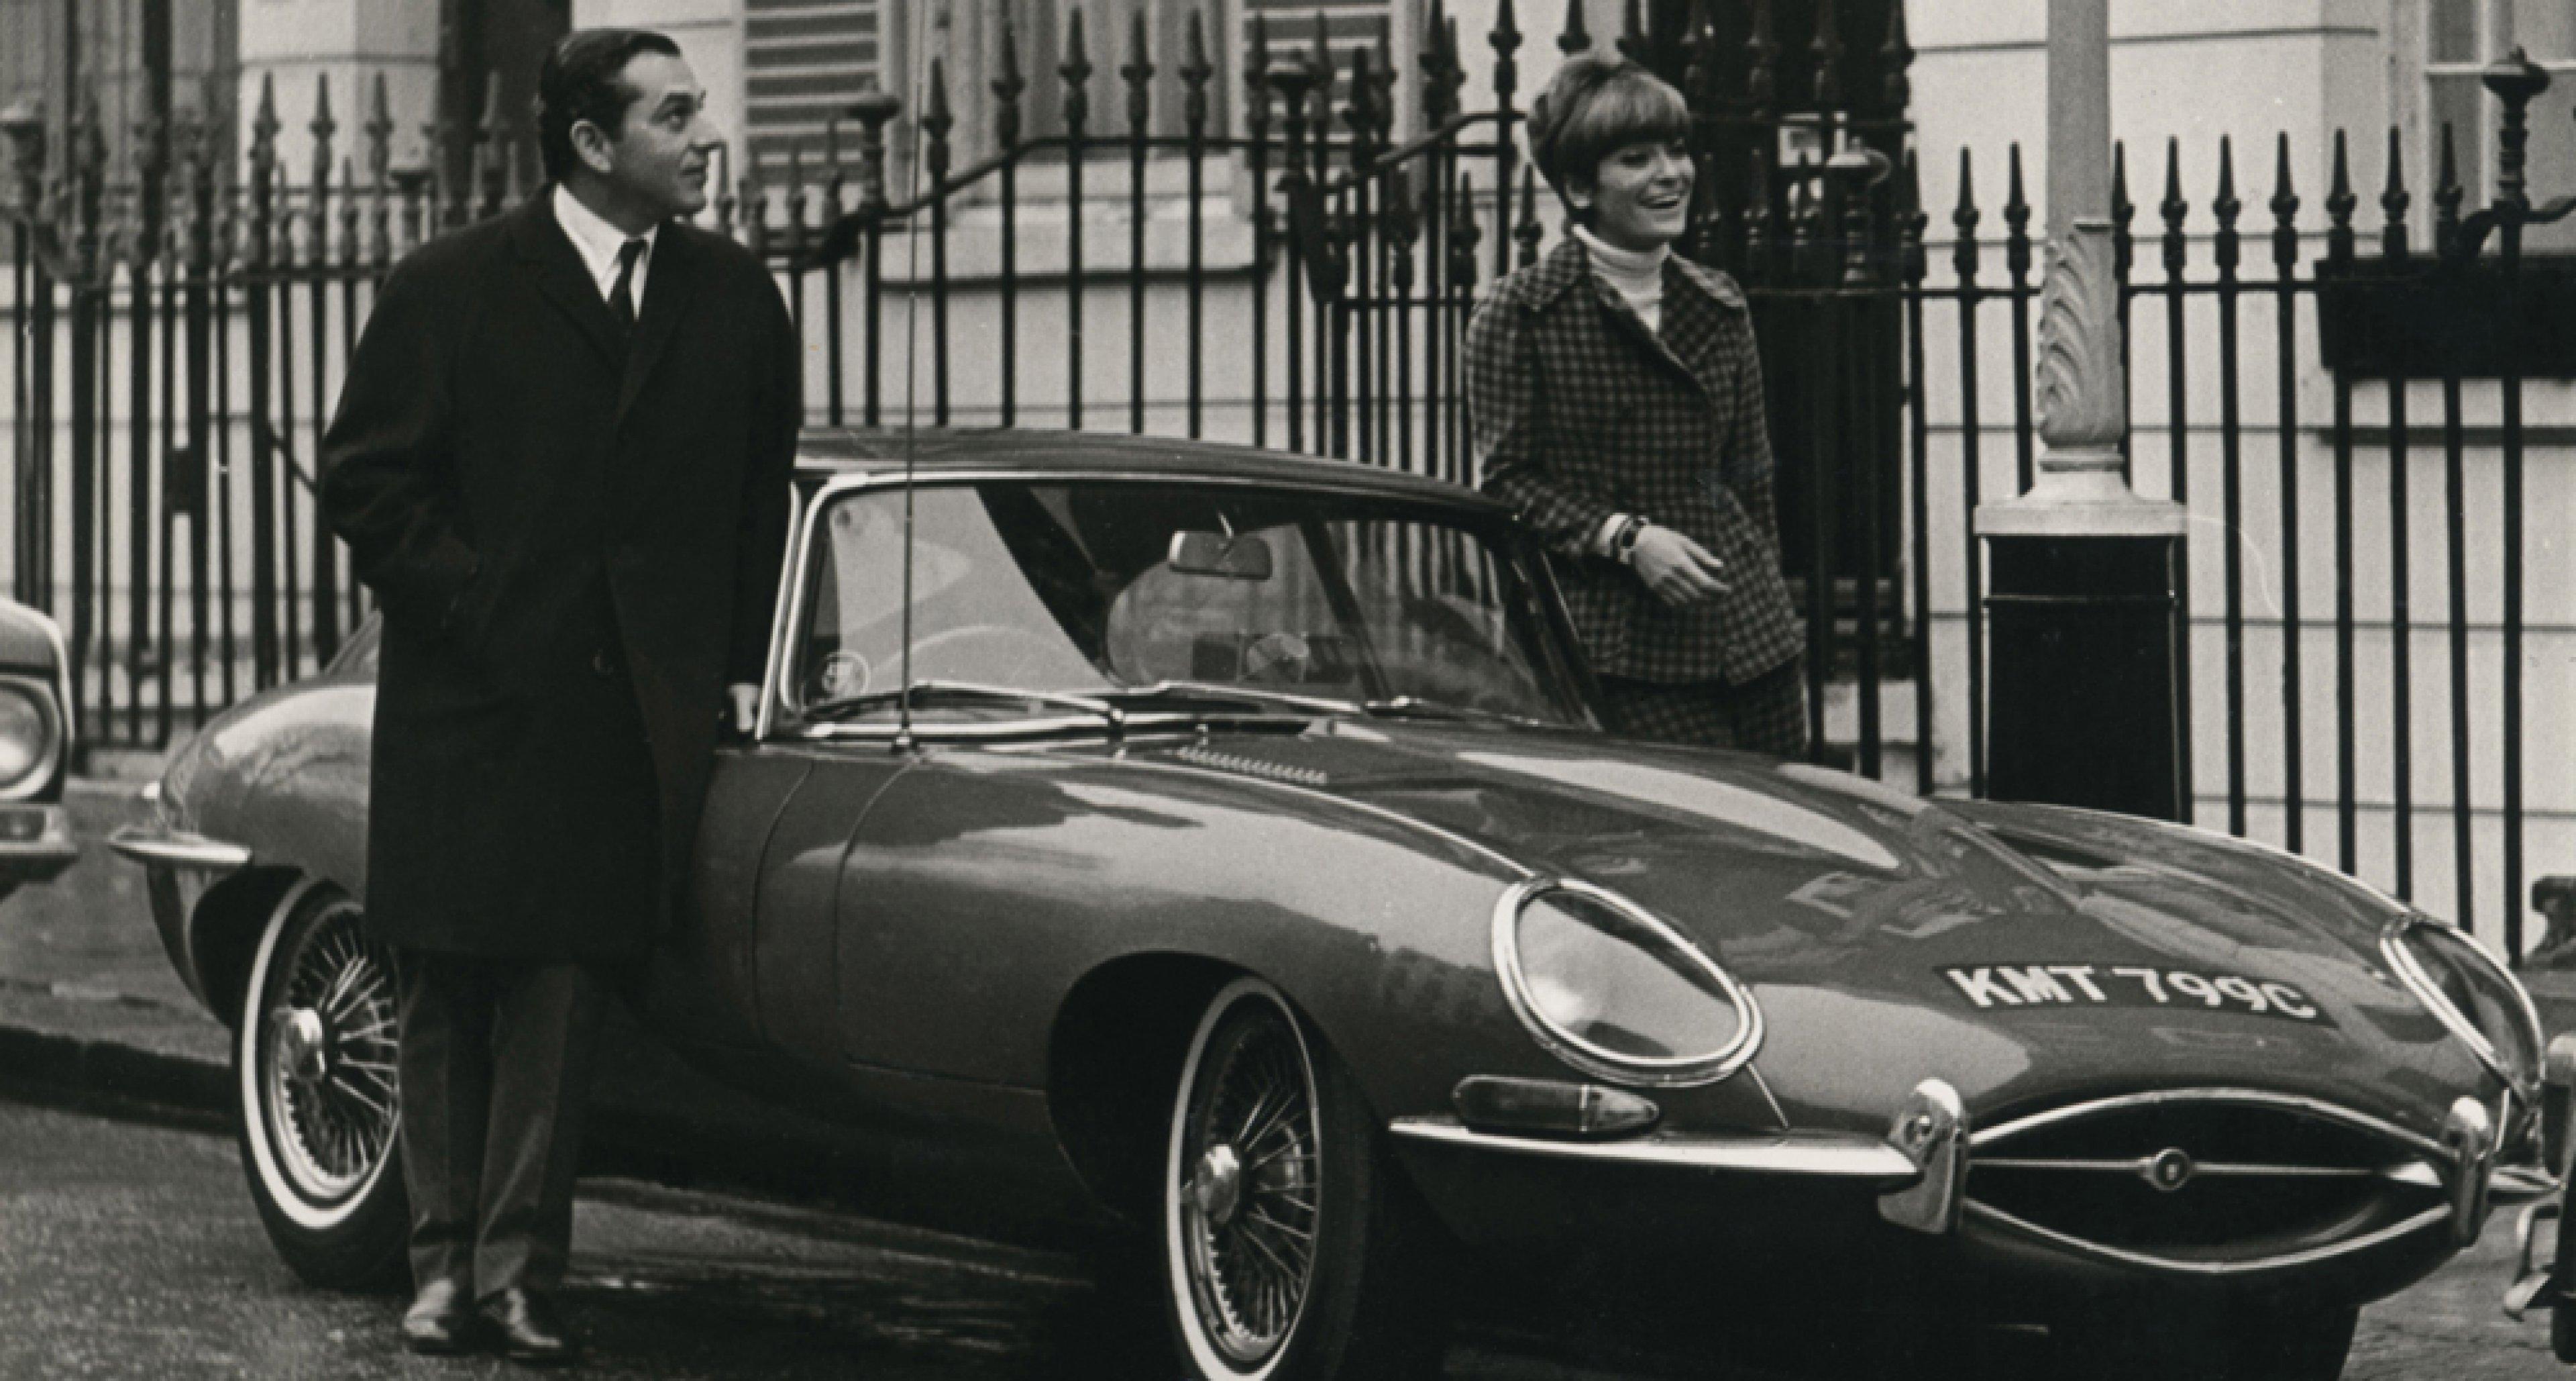 Ken und Letizia Adam mit ihrem Jaguar E-Type, London 1964 Quelle: Deutsche Kinemathek – Ken Adam Archiv